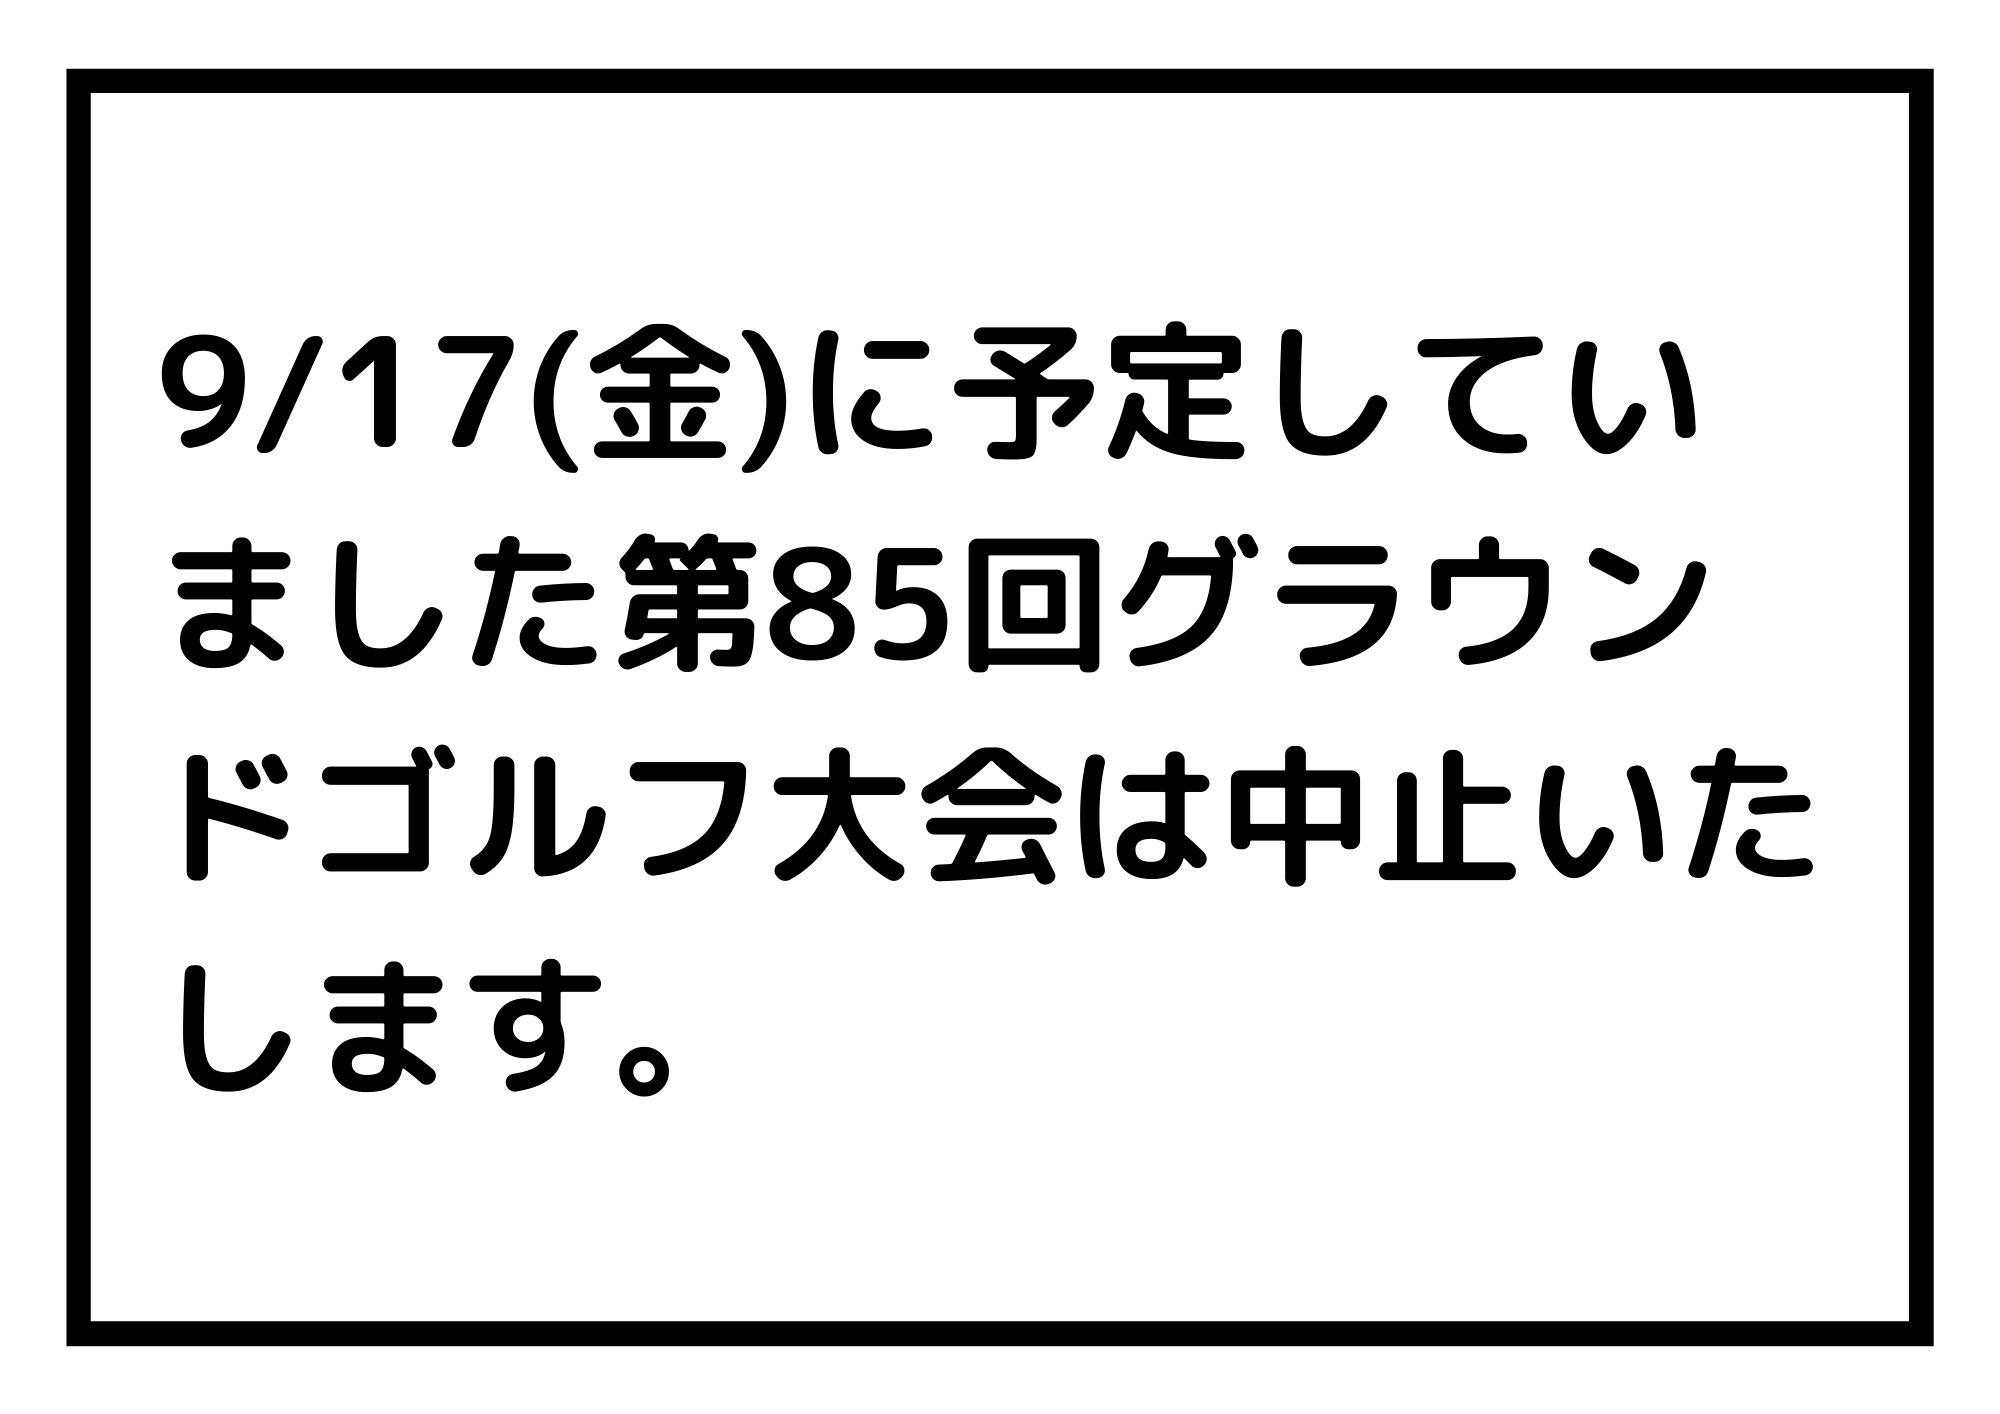 9/17(金)の第85回グラウンドゴルフ大会は開催を中止いたします。